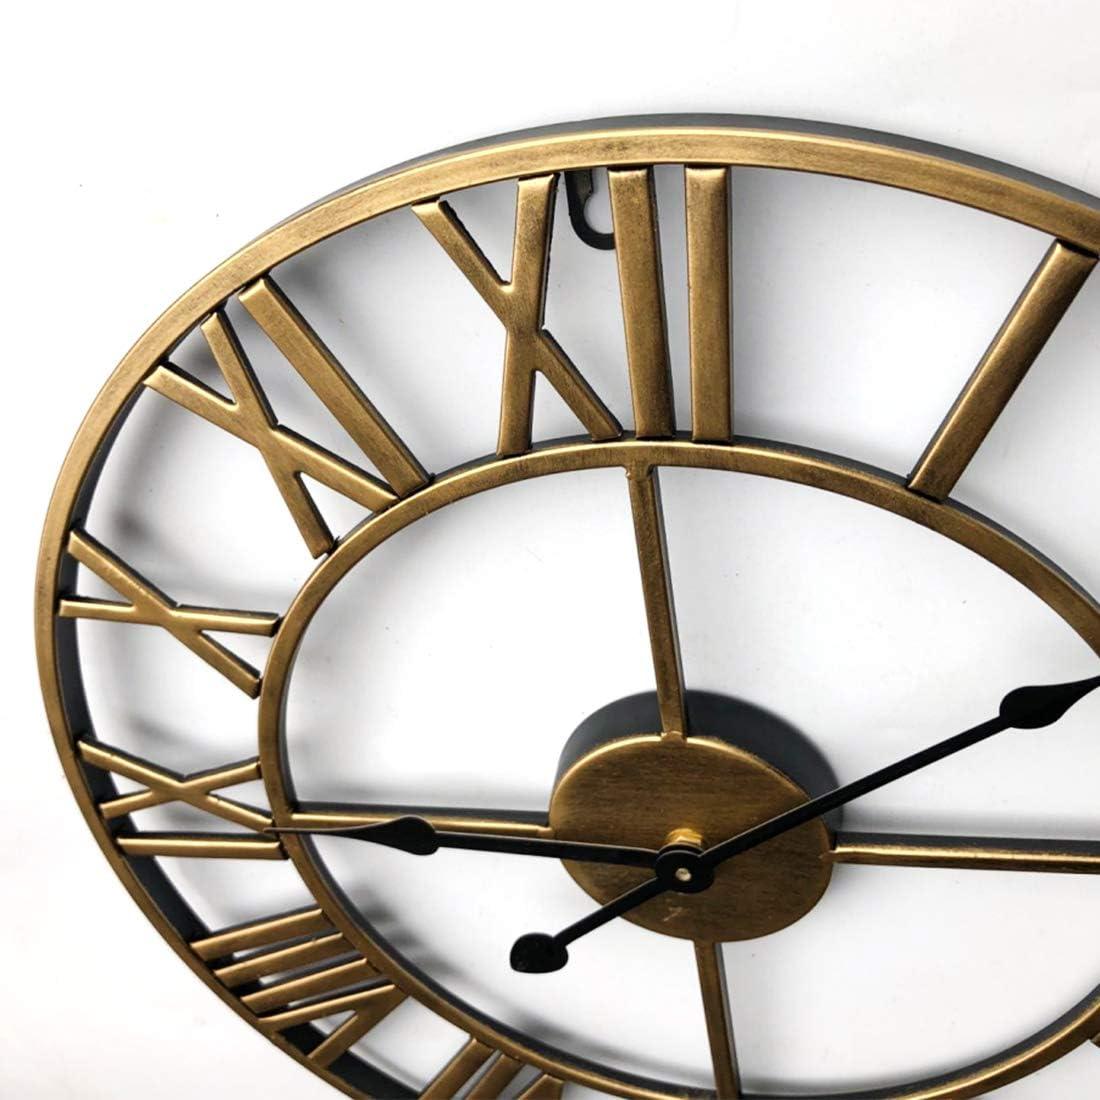 Yavso Wanduhr Vintage 24 Zoll Wanduhr Gro/ß 60 cm Wanduhr Ohne Tickger/äusche Metall Wanduhr Dekorative f/ür Wohnzimme und Schlafzimmer 60 cm